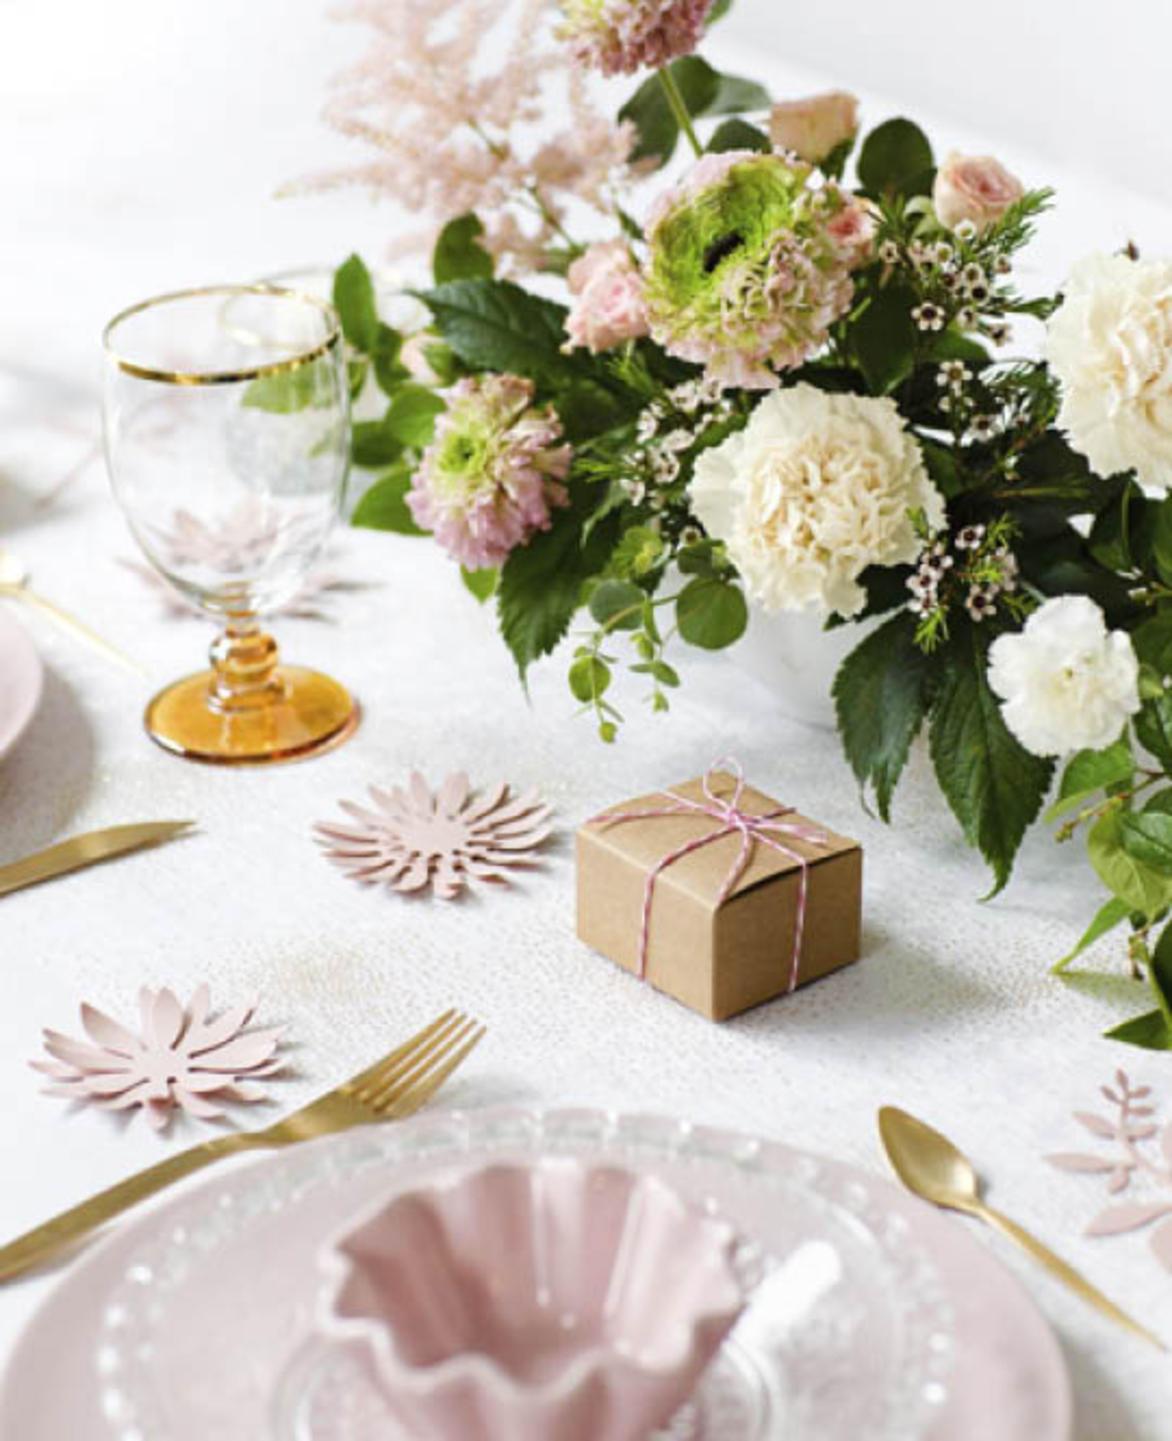 Come Addobbare Un Tavolo Per Confettata e-speciale.it | articoli e decorazioni per matrimoni, feste